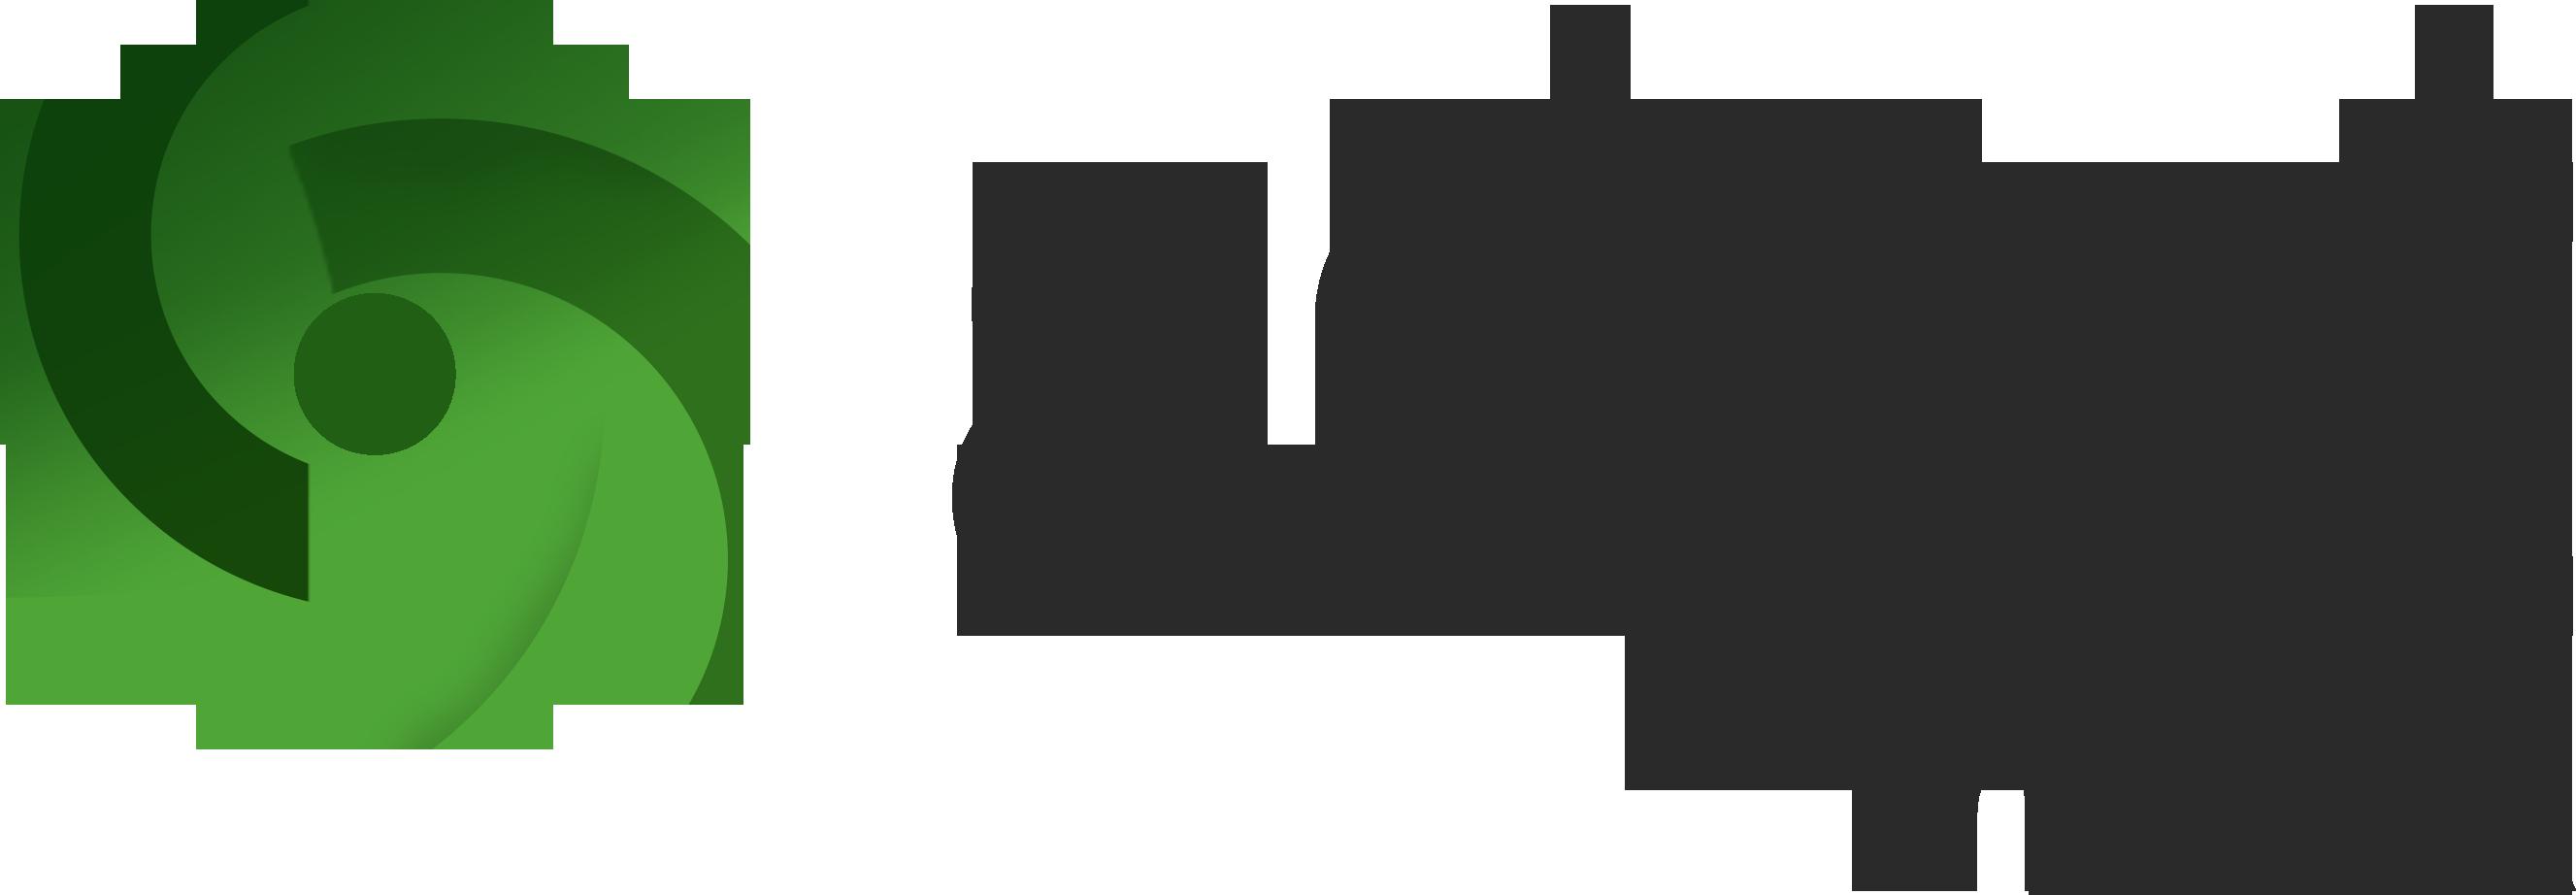 adnetmedia